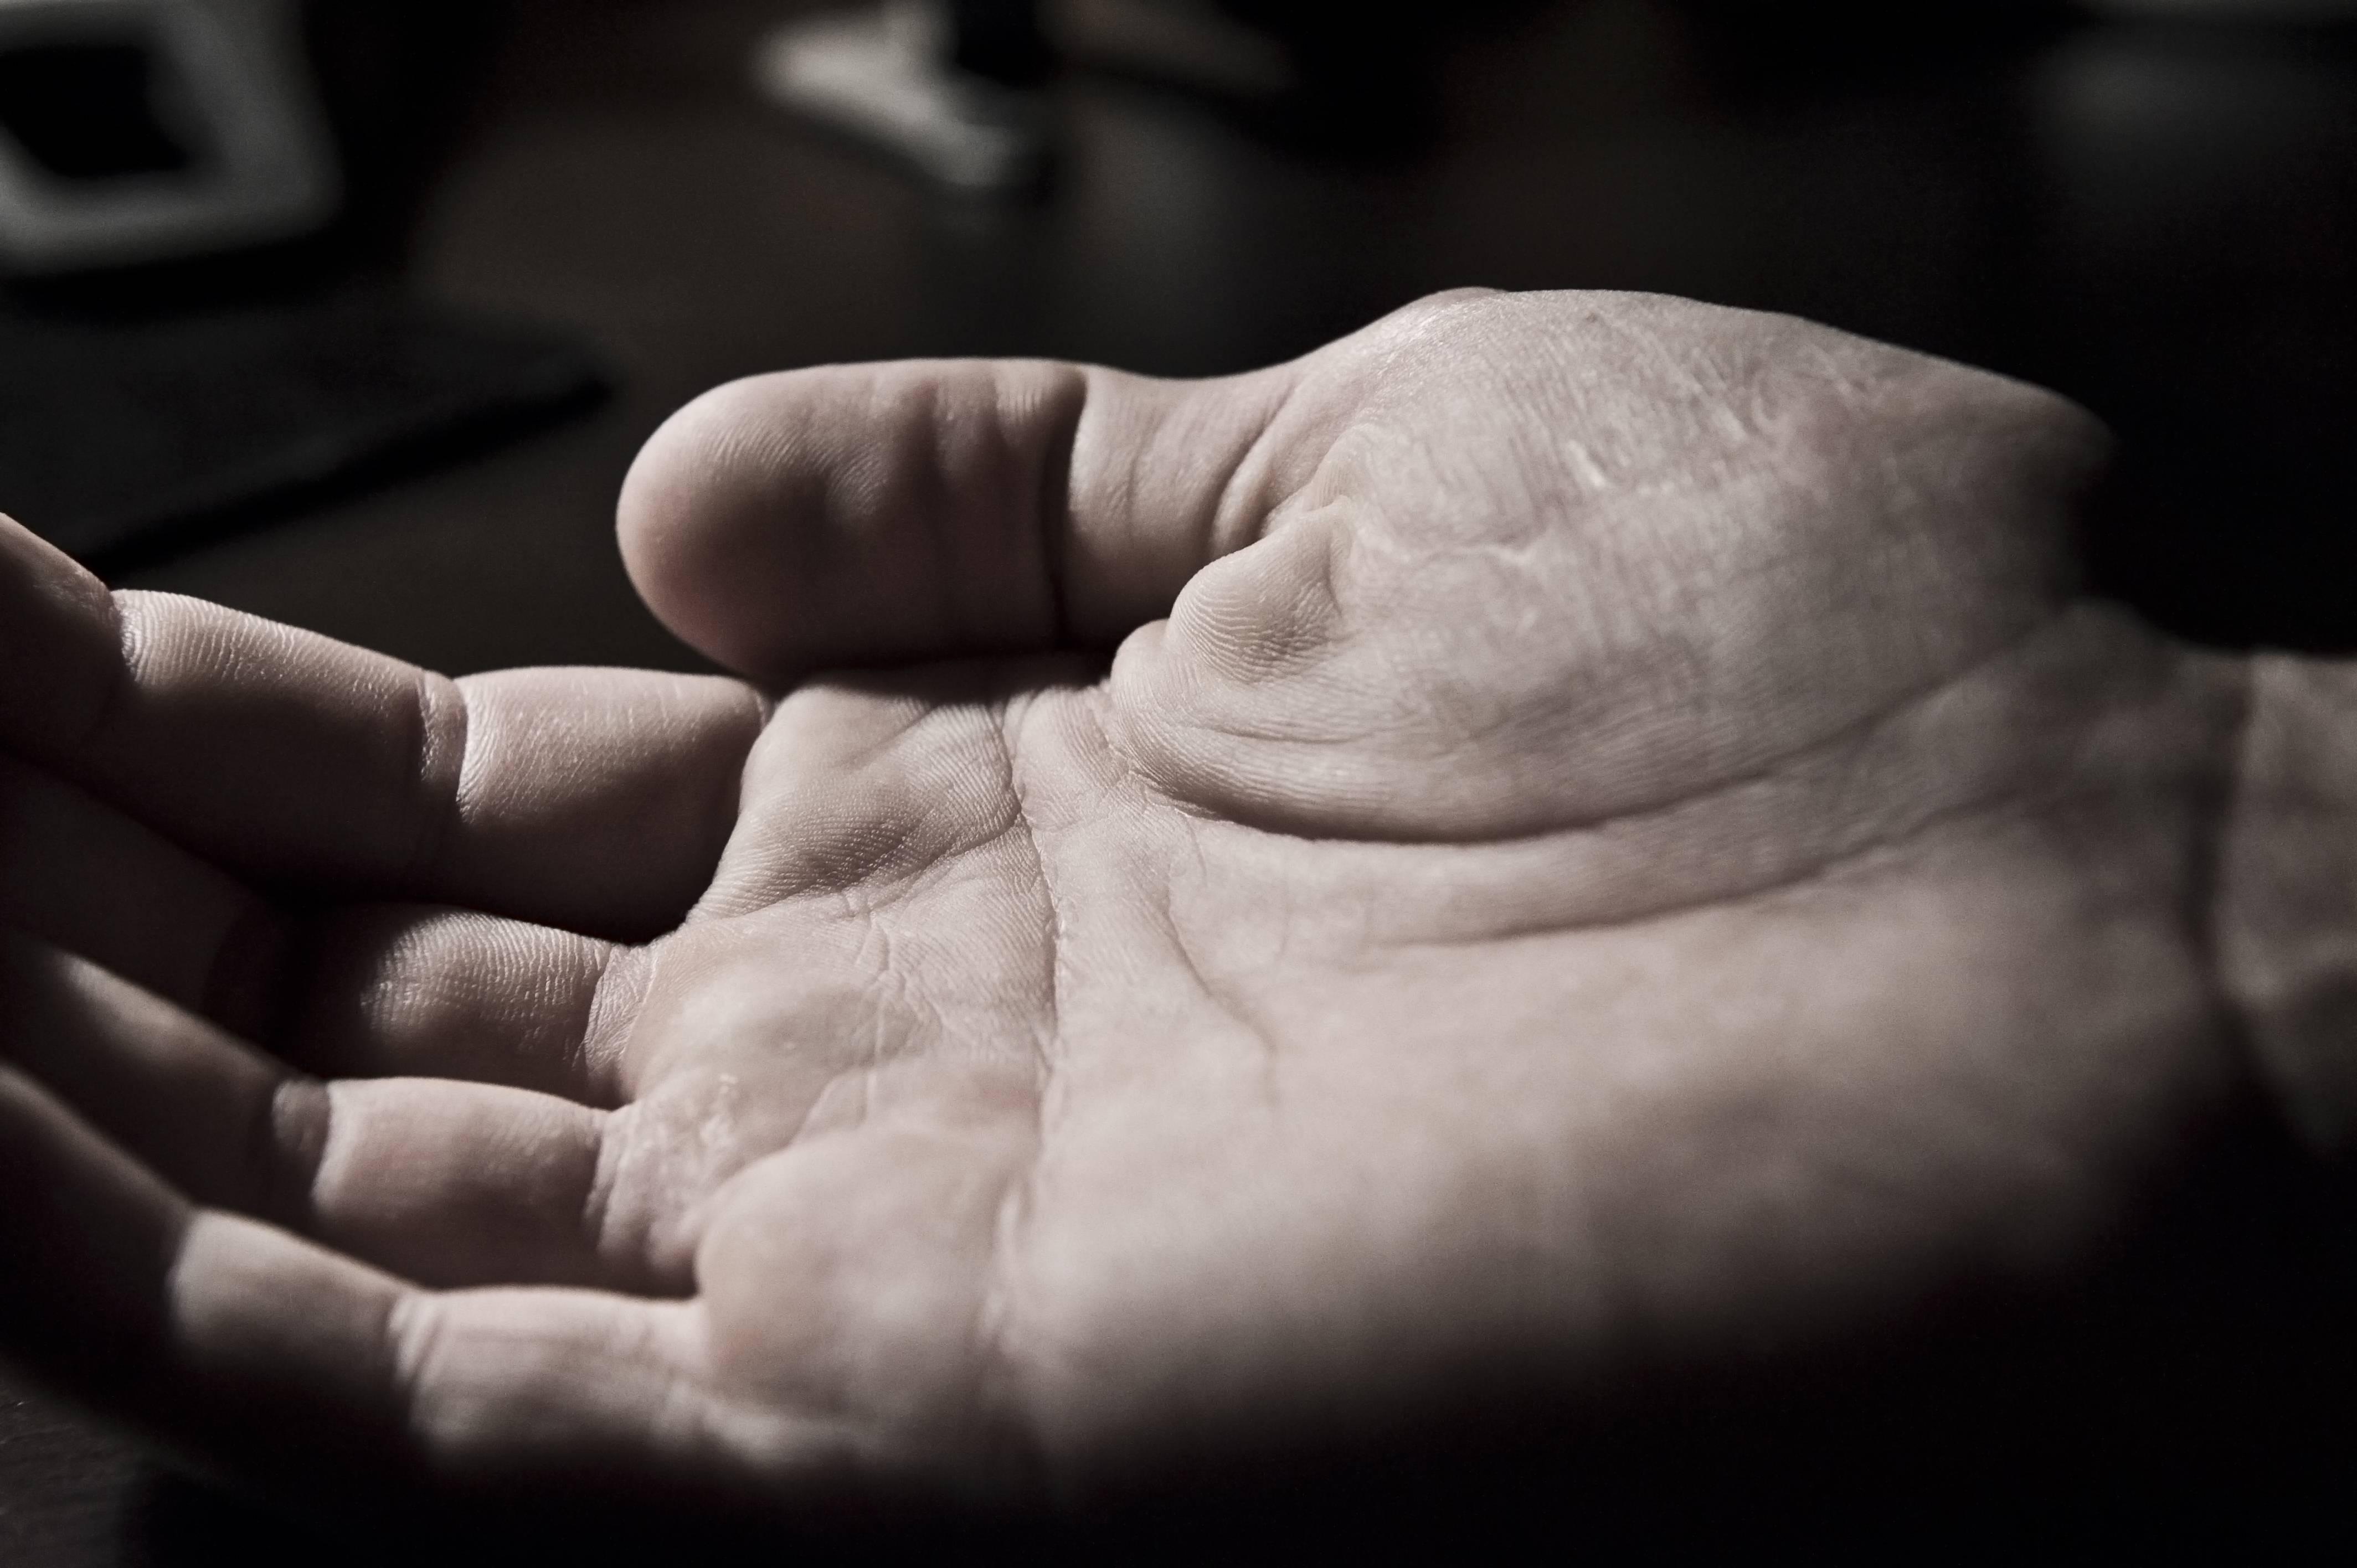 huvudvärk domningar i händer